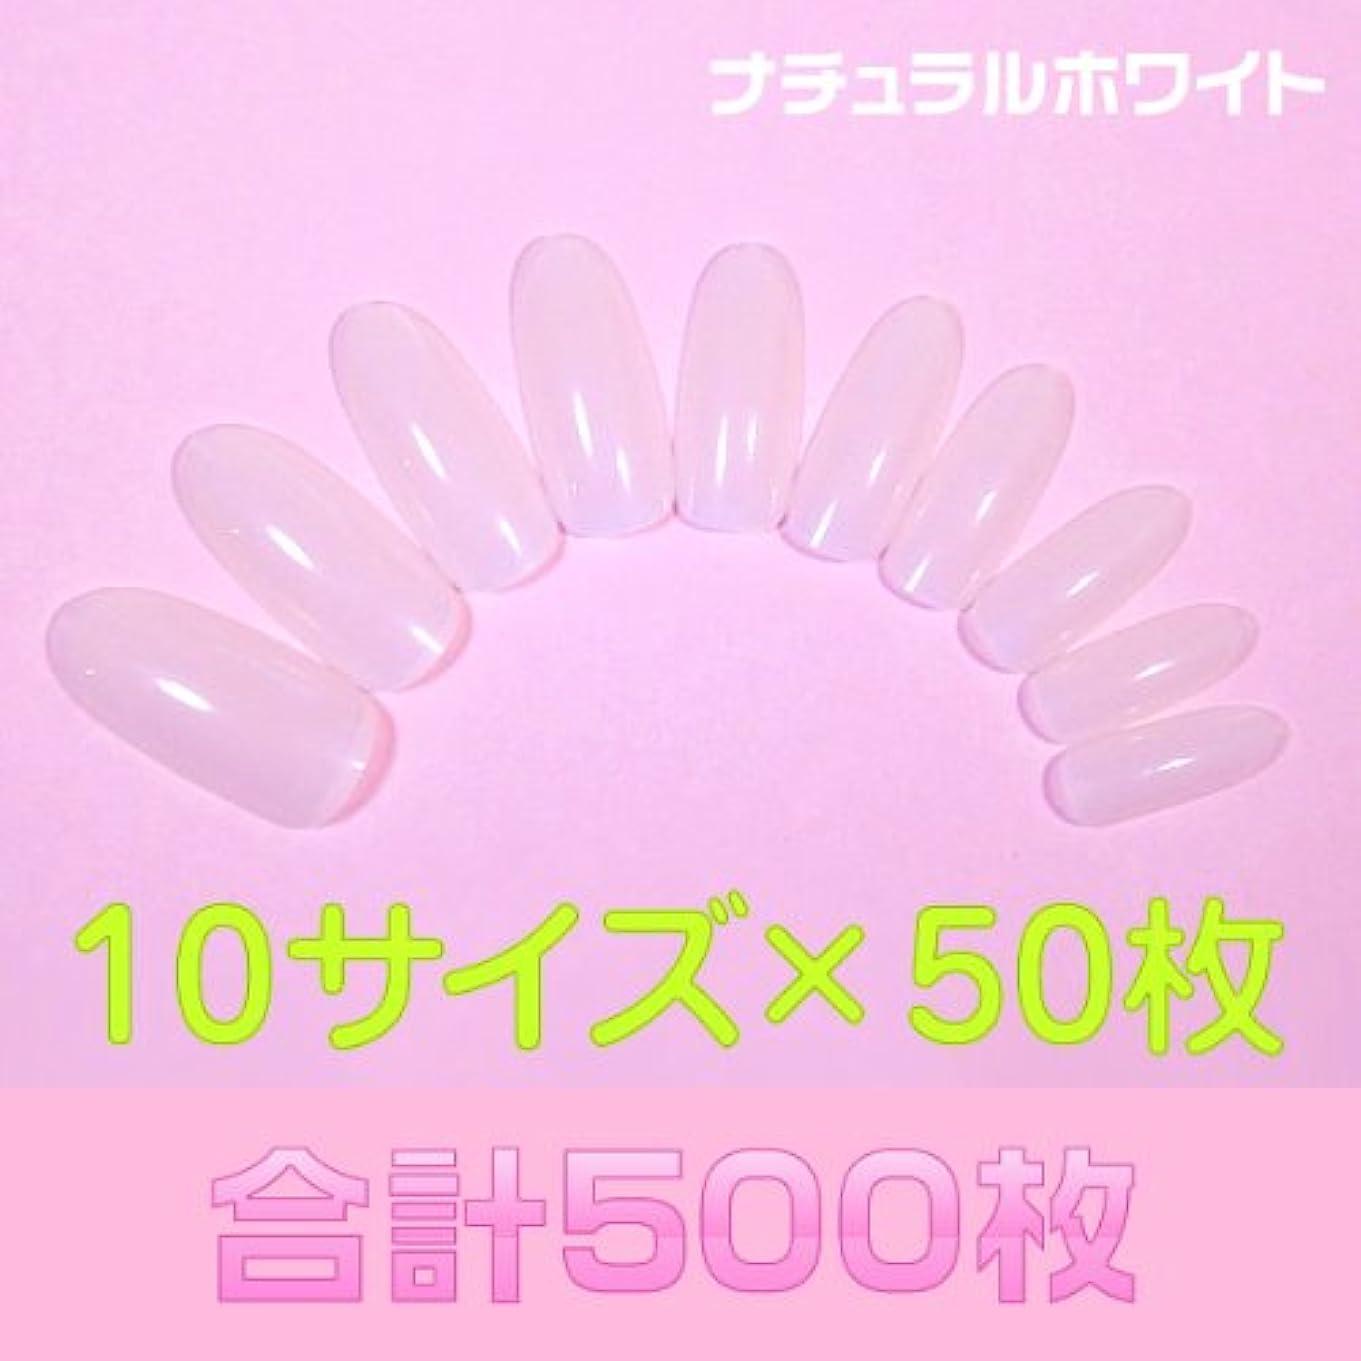 定刻理論的抵抗ネイルチップ 無地 ナチュラルホワイト ロングオーバル500枚 [#4]フルカバーオーダー用通販 つけ爪付け爪